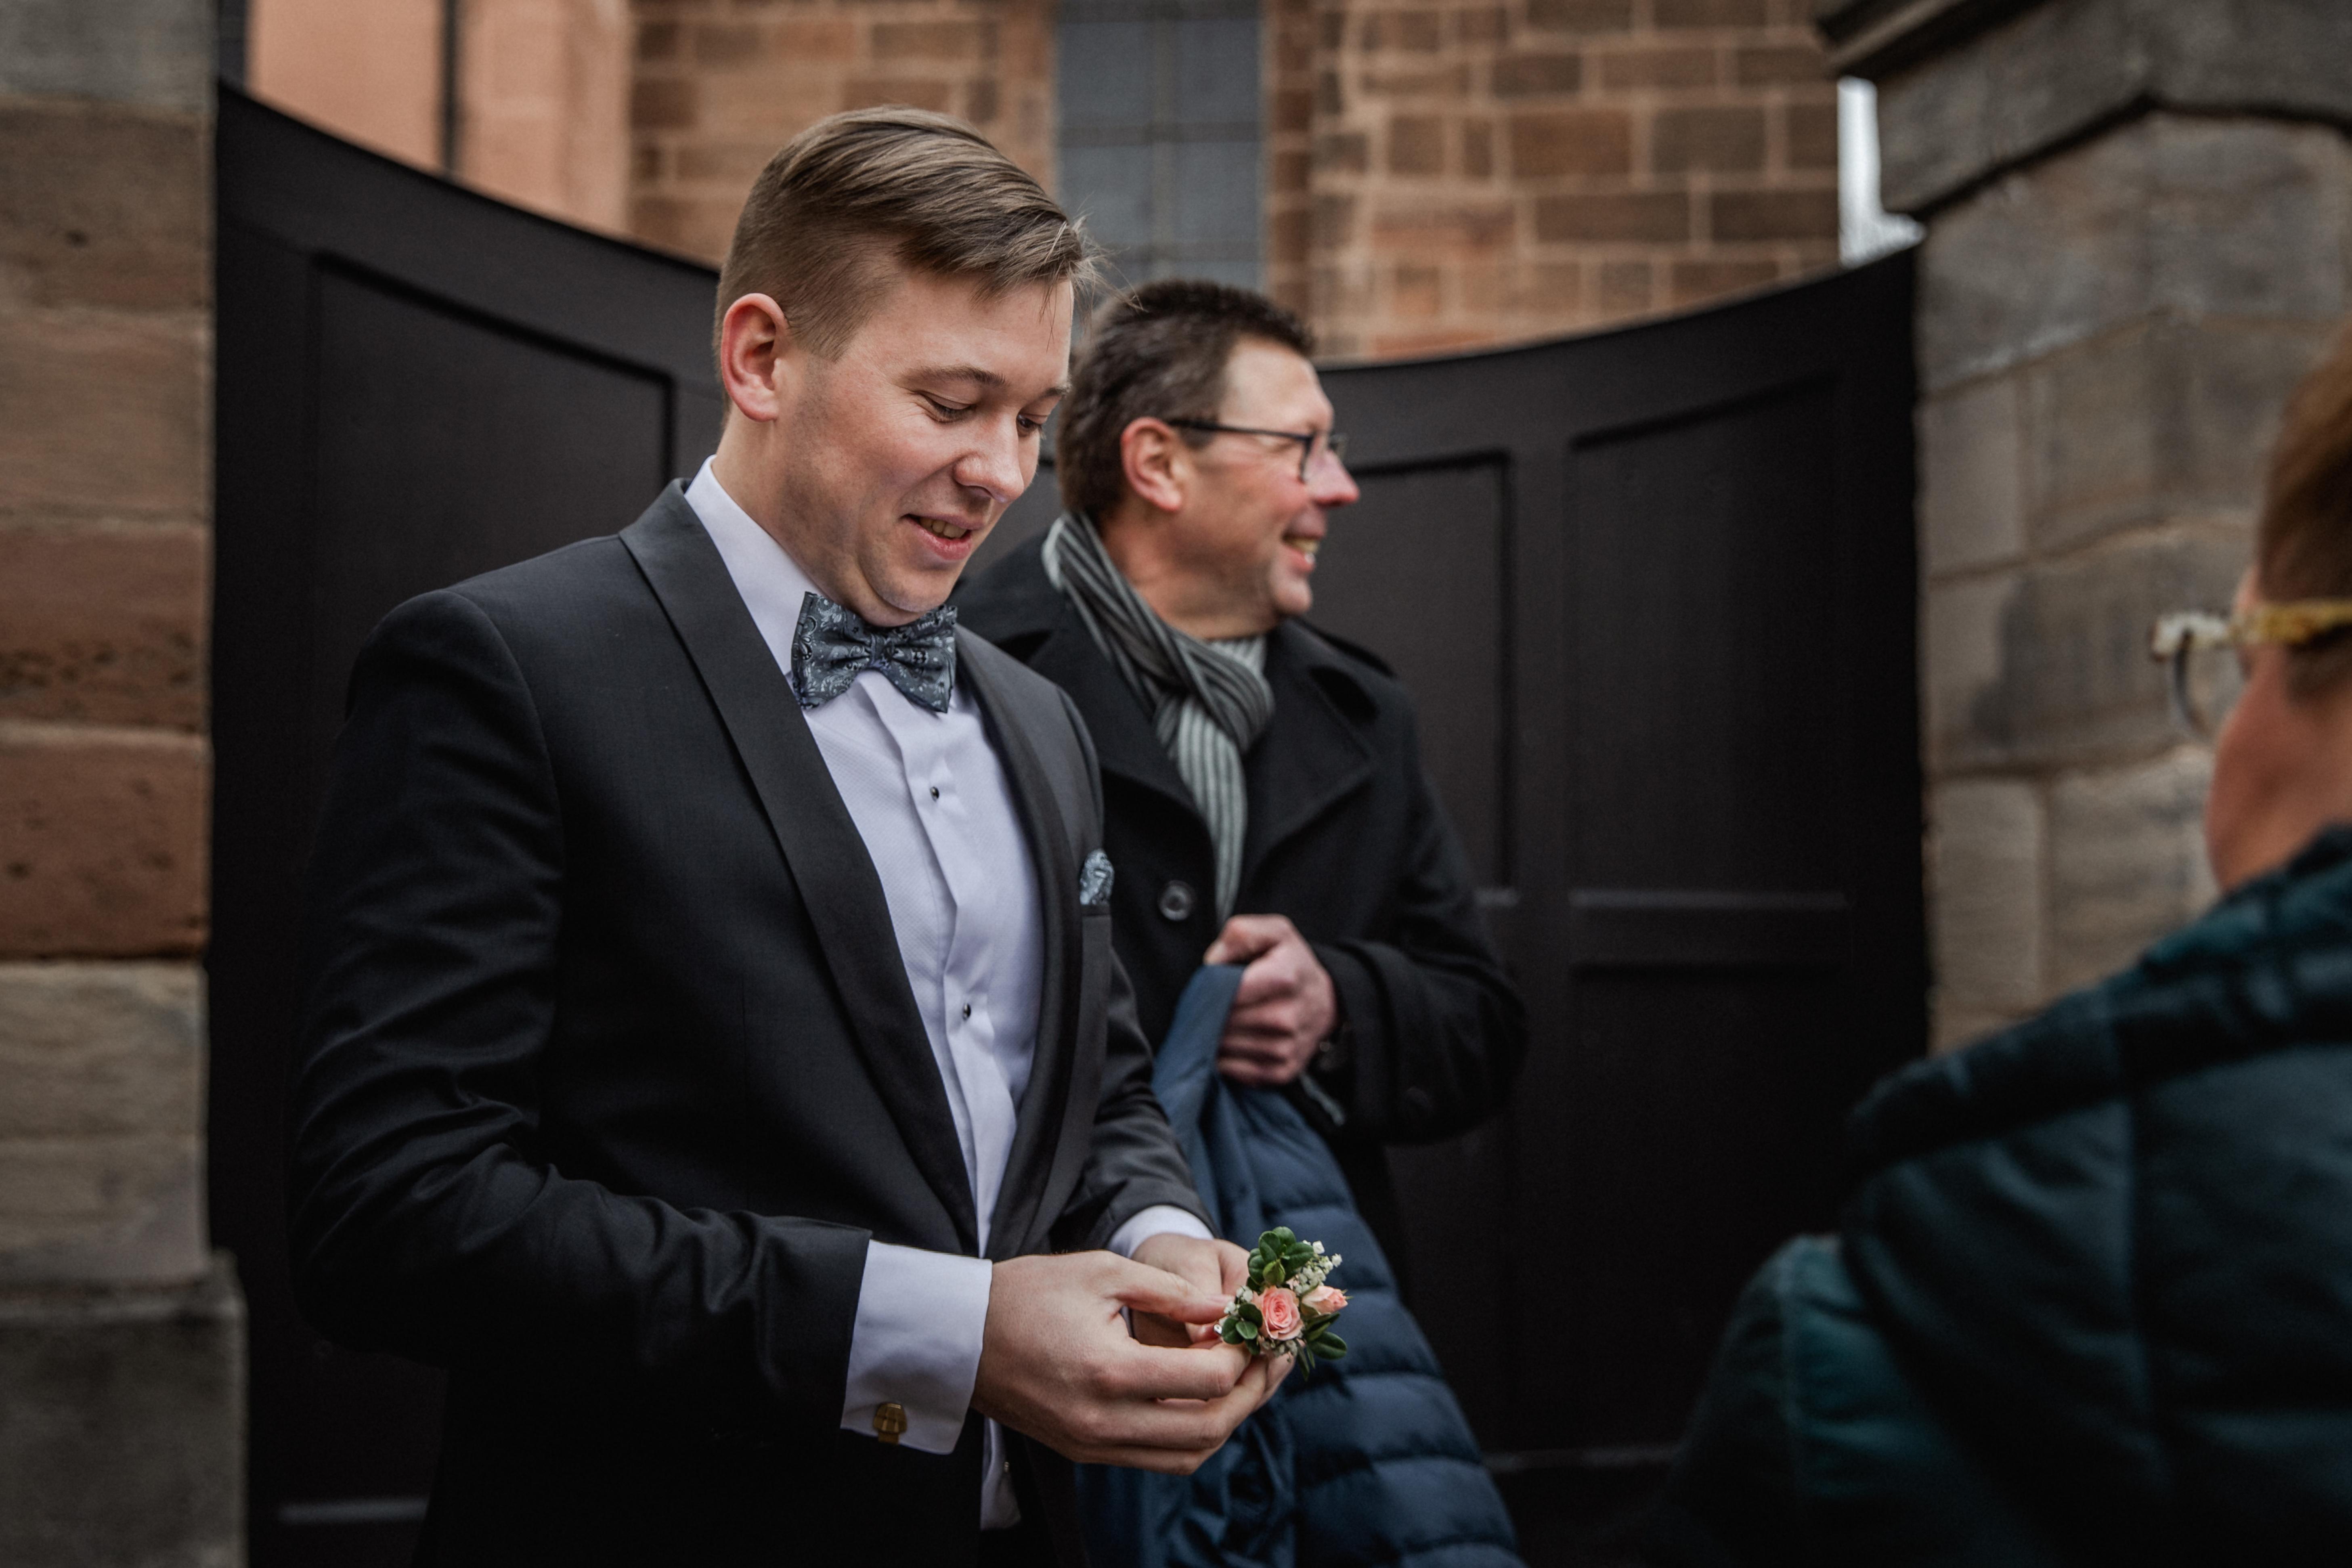 Hochzeitsfotograf-Grossgruendlach-Standesamt-Hallerschloss-Urbanerie-Stazija-und-Michael-005